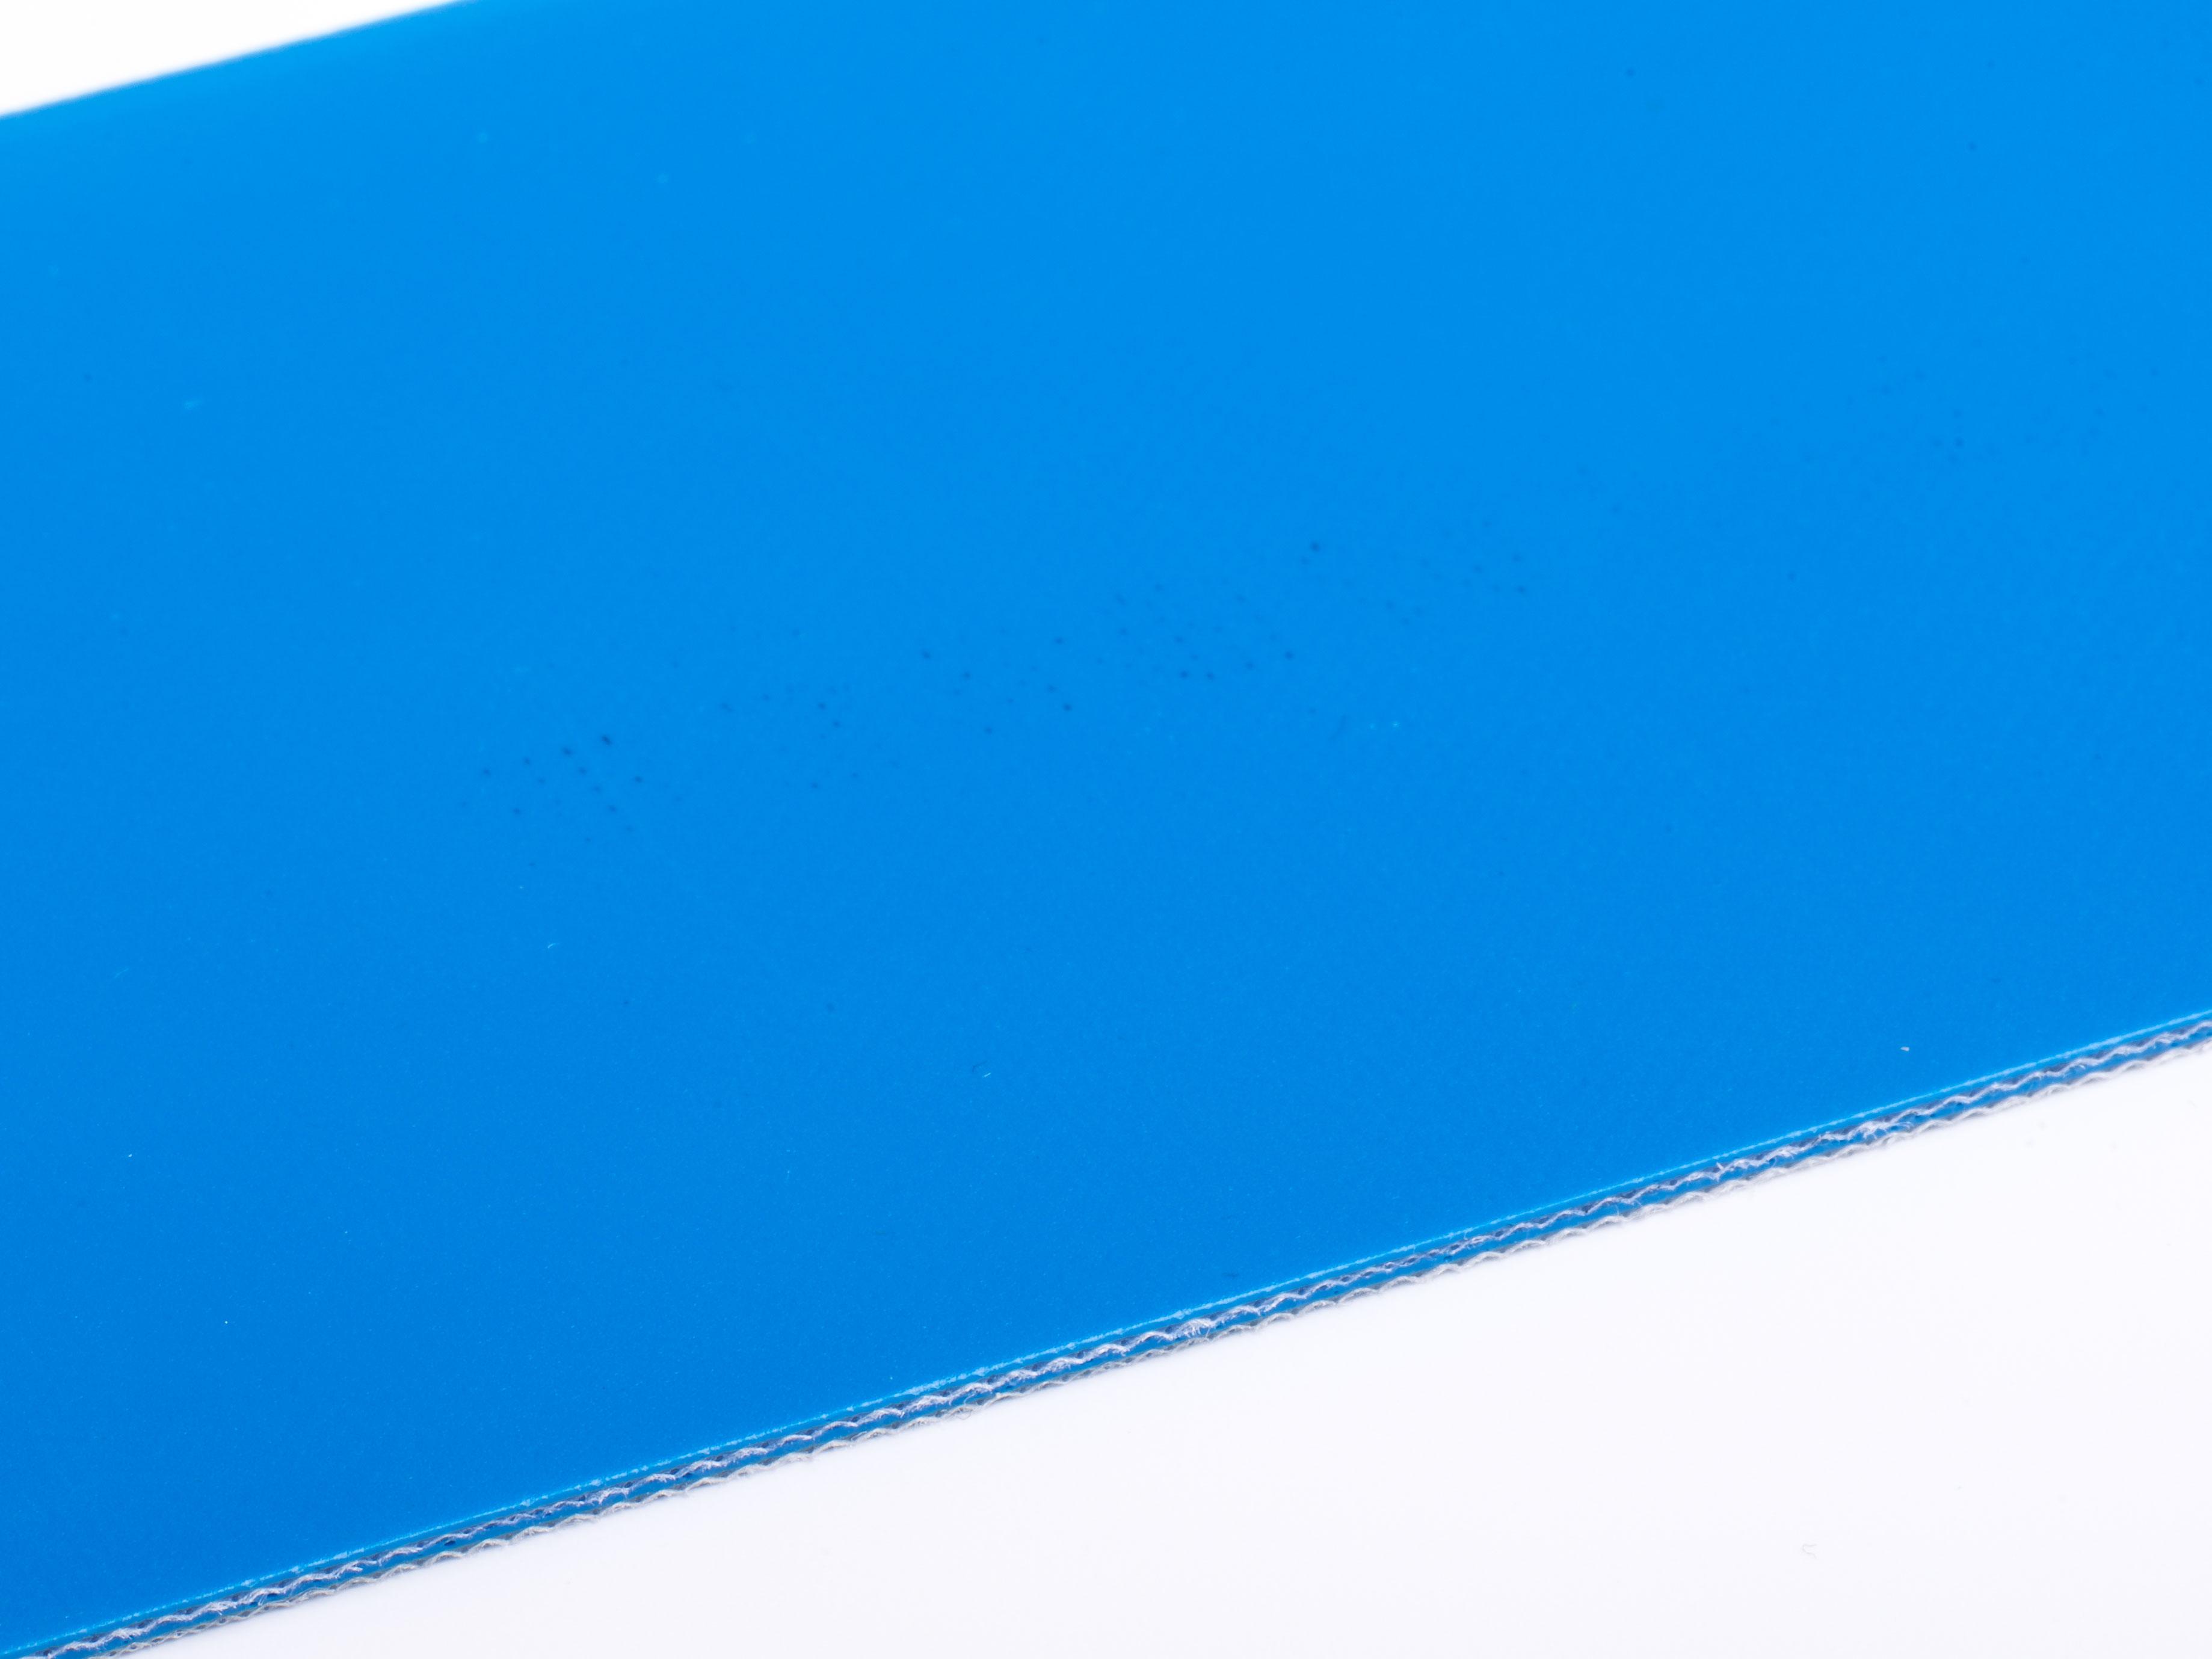 E 8/2 U0/V4 MT blau FDA